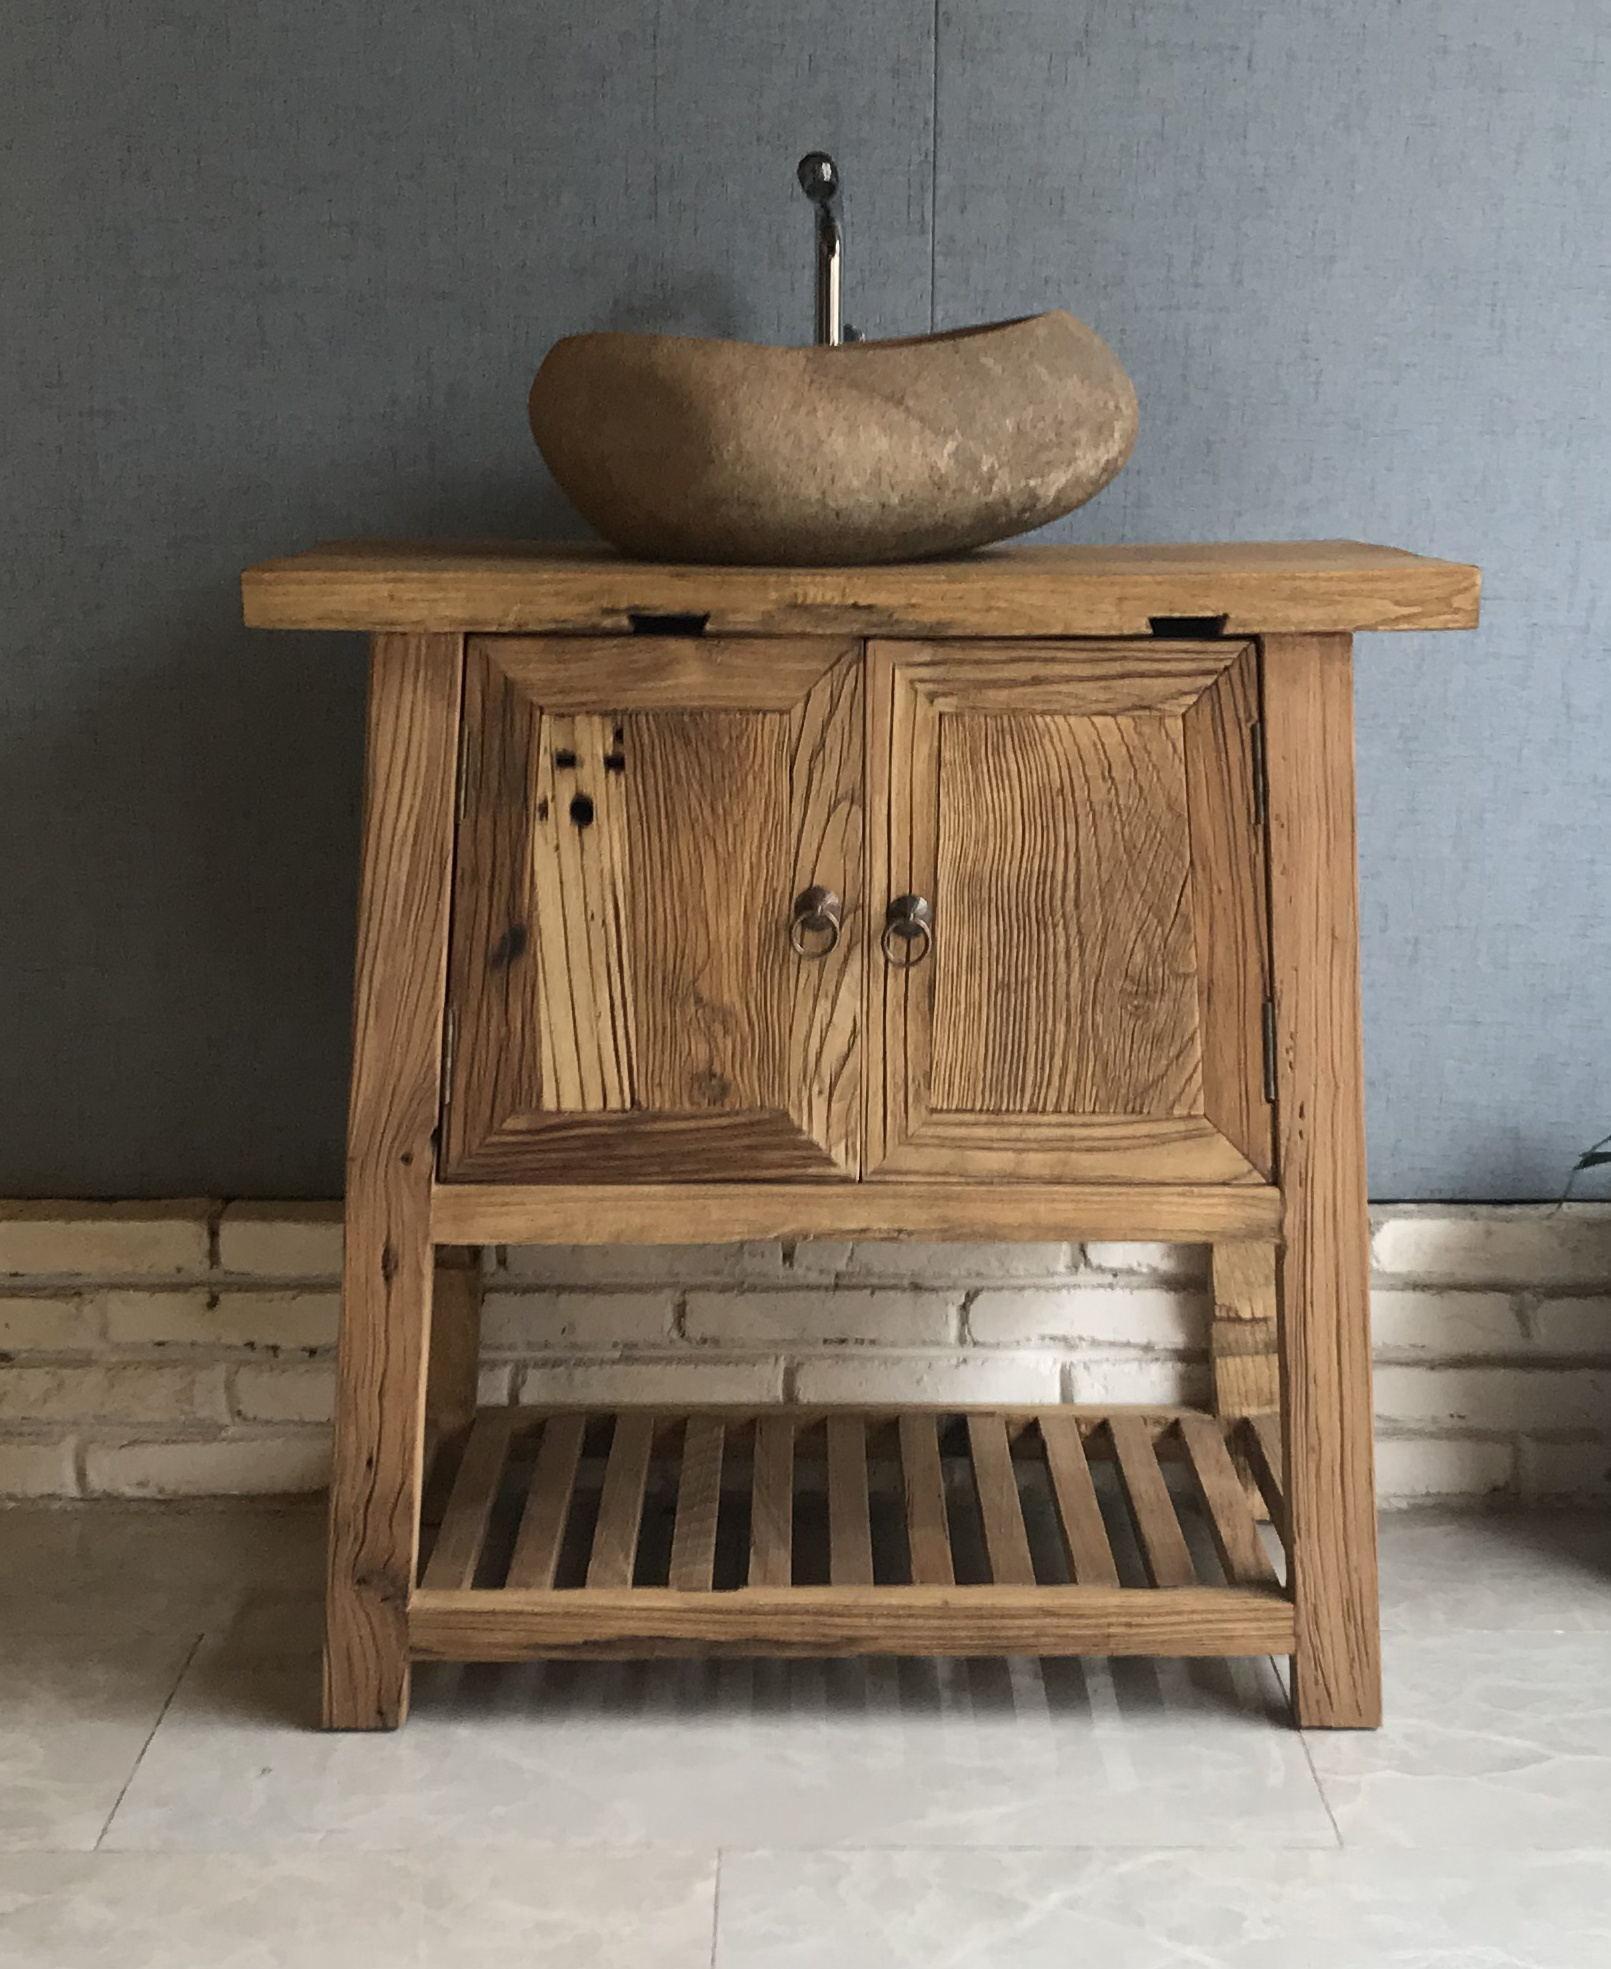 盥洗柜,配石头盆,洗手间家具 1